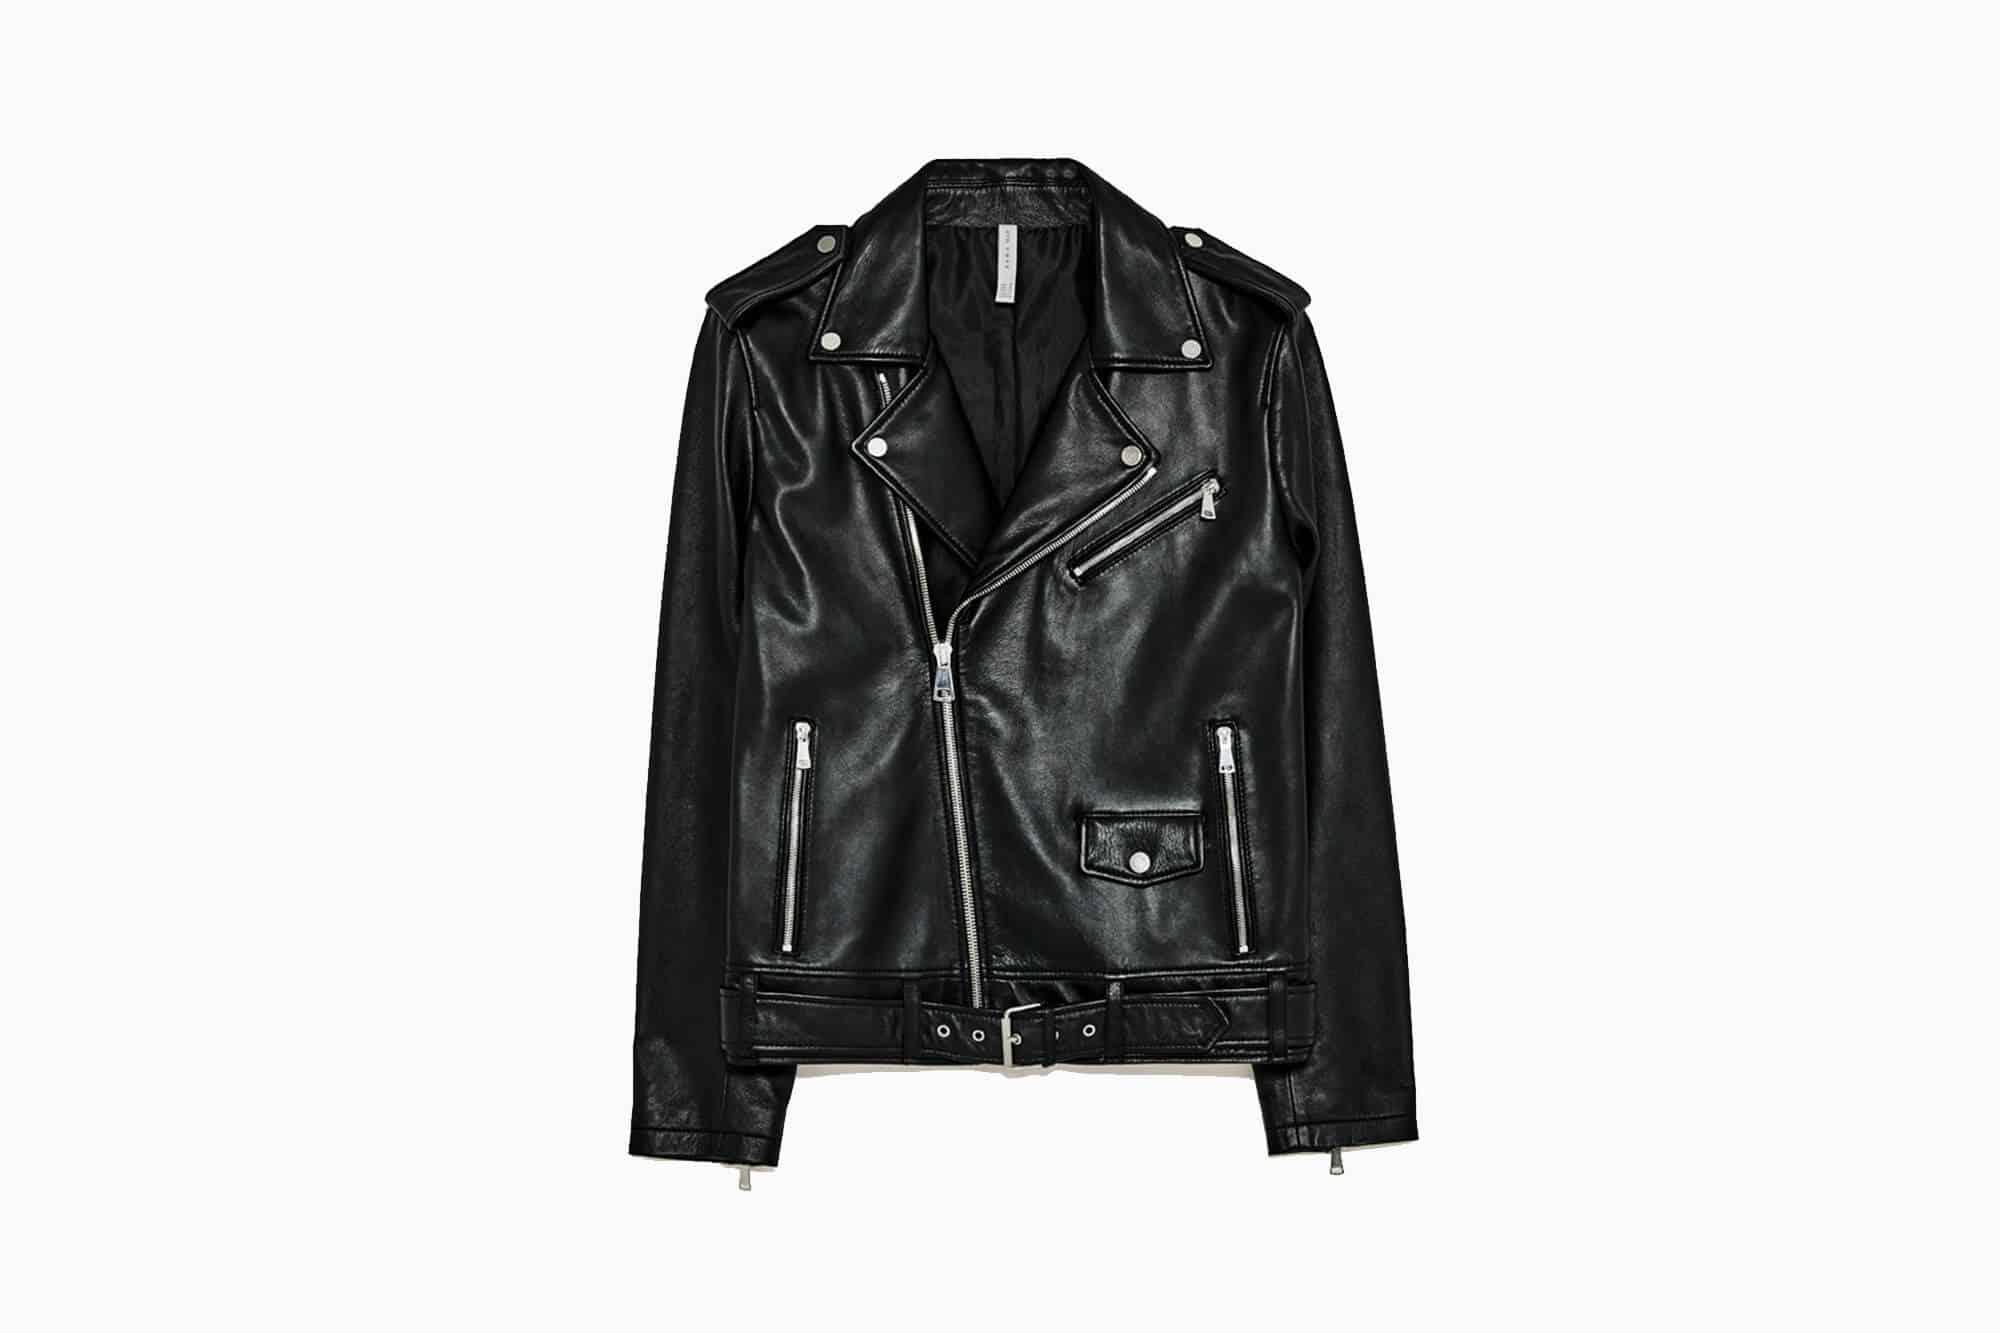 Beli Jaket Kulit Online atau Offline? Panduan Model Jaket Kulit Lengkap